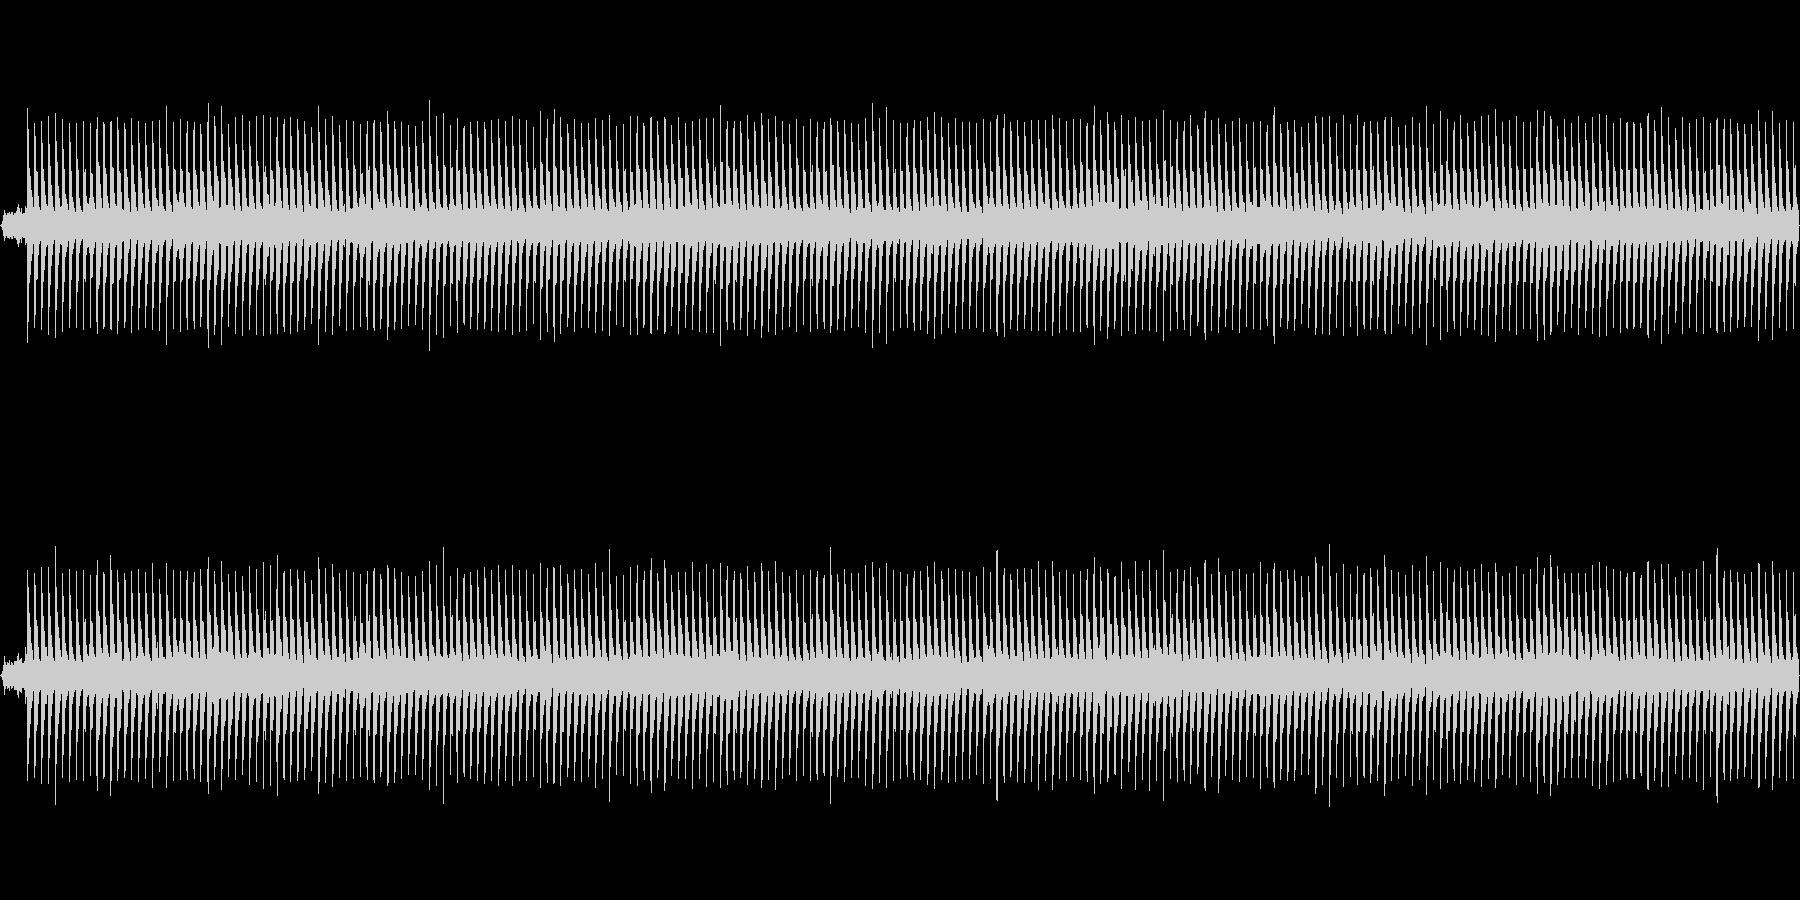 ホラー風BGM -逃走- ループ素材の未再生の波形